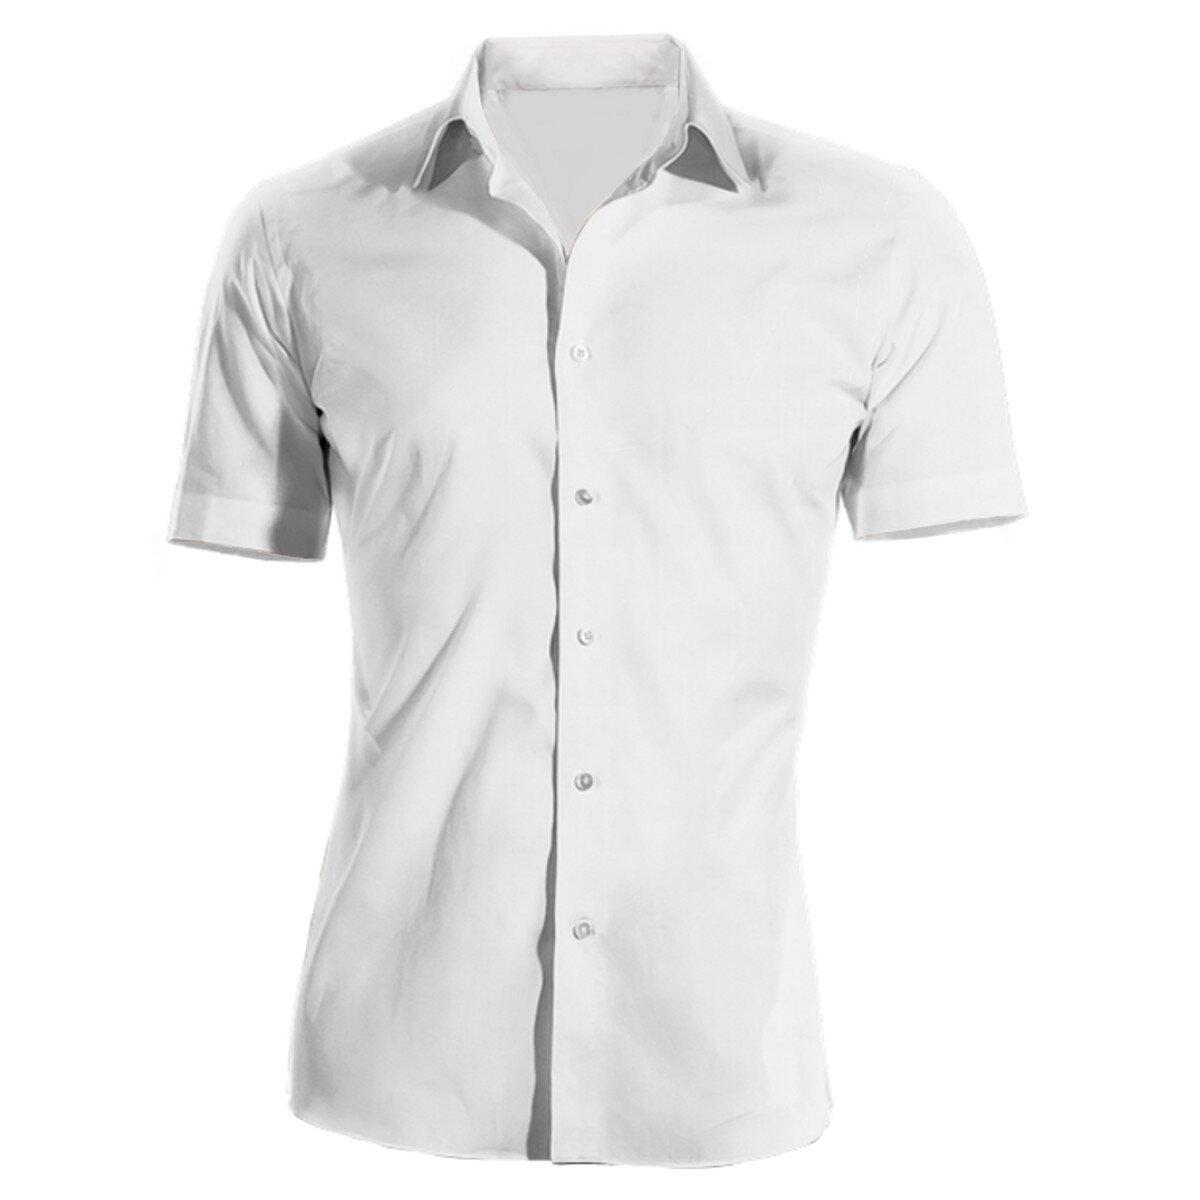 a3a5dd9a5d62 Pracovná košeľa pánska biela krátky rukáv 100 % bavlna s úpravou pre ľahké  žehlenie